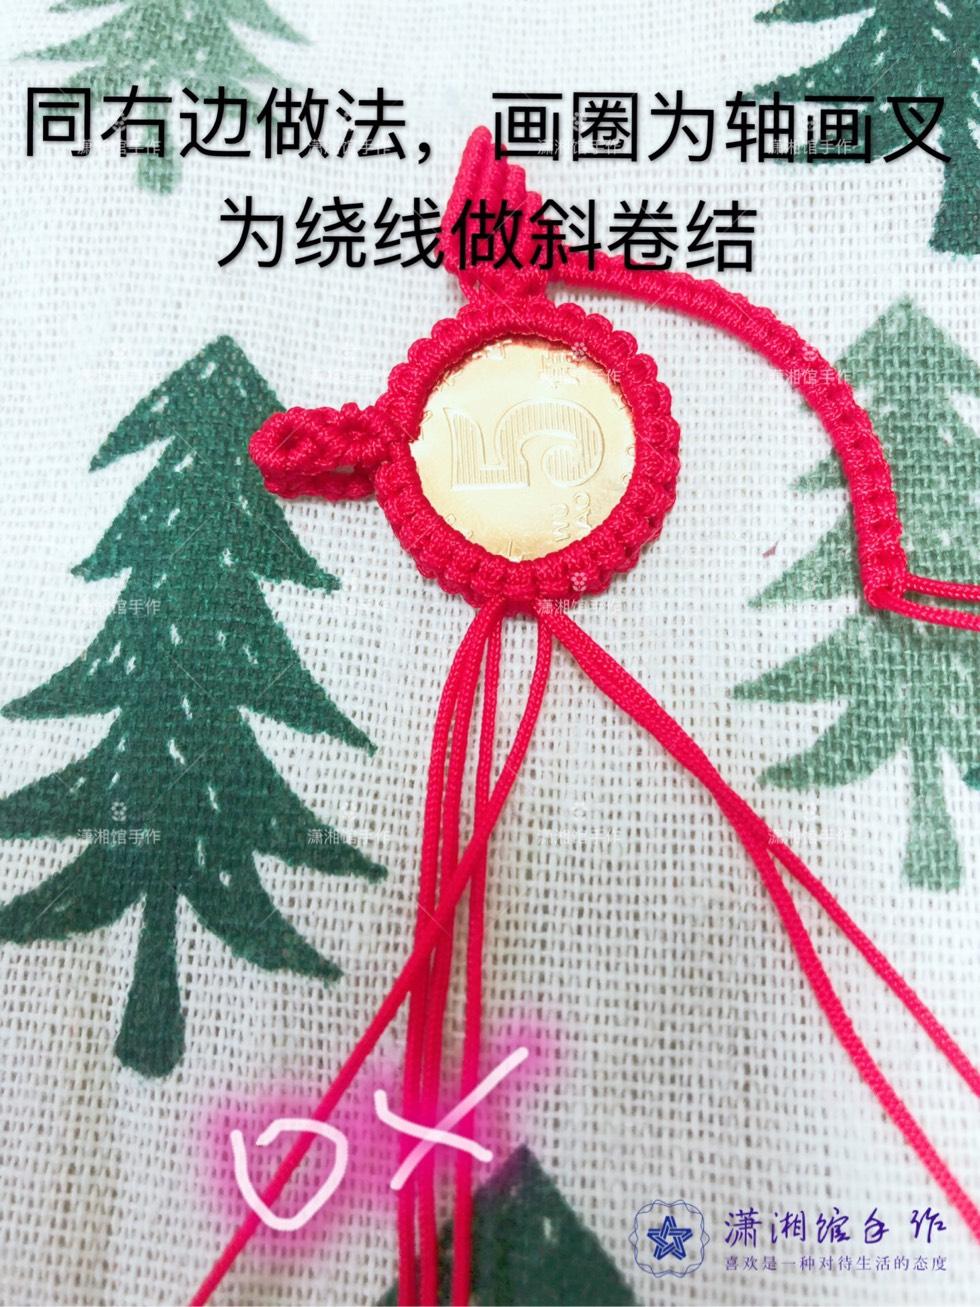 中国结论坛 硬币挂件天使翅膀钥匙扣教程  图文教程区 170143w6ze68lvvyl3bwso